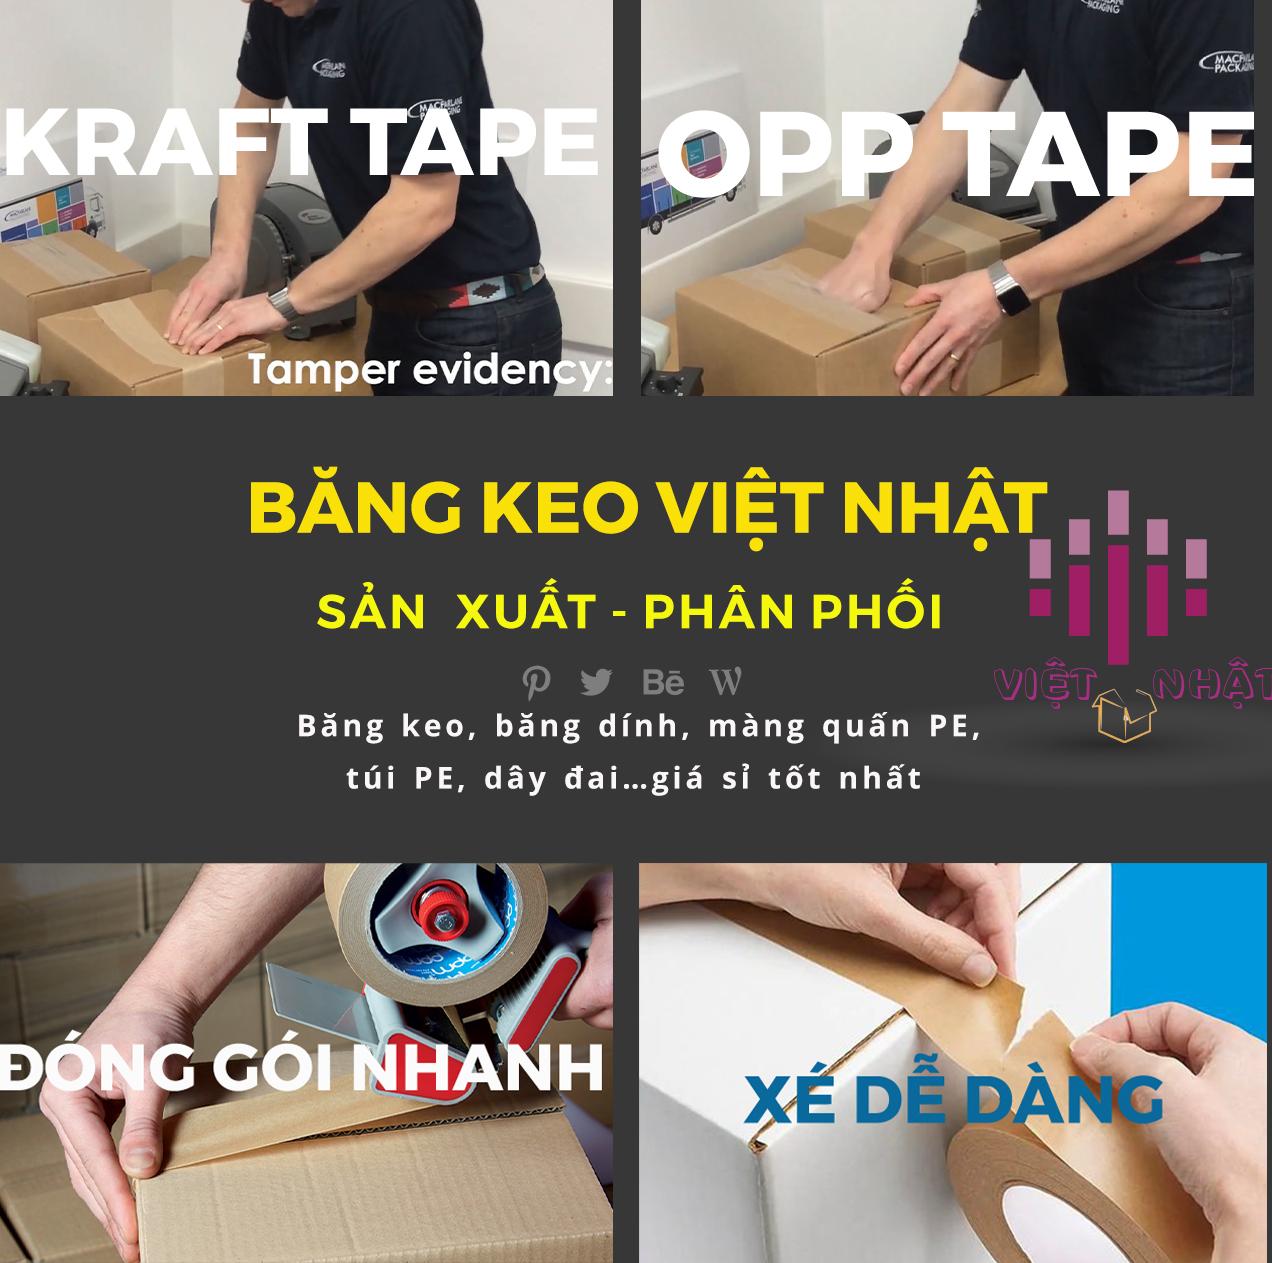 Khả năng viết được trên băng dính Kraft là một trong những ưu điểm nổi bật so với các loại băng dính khác.